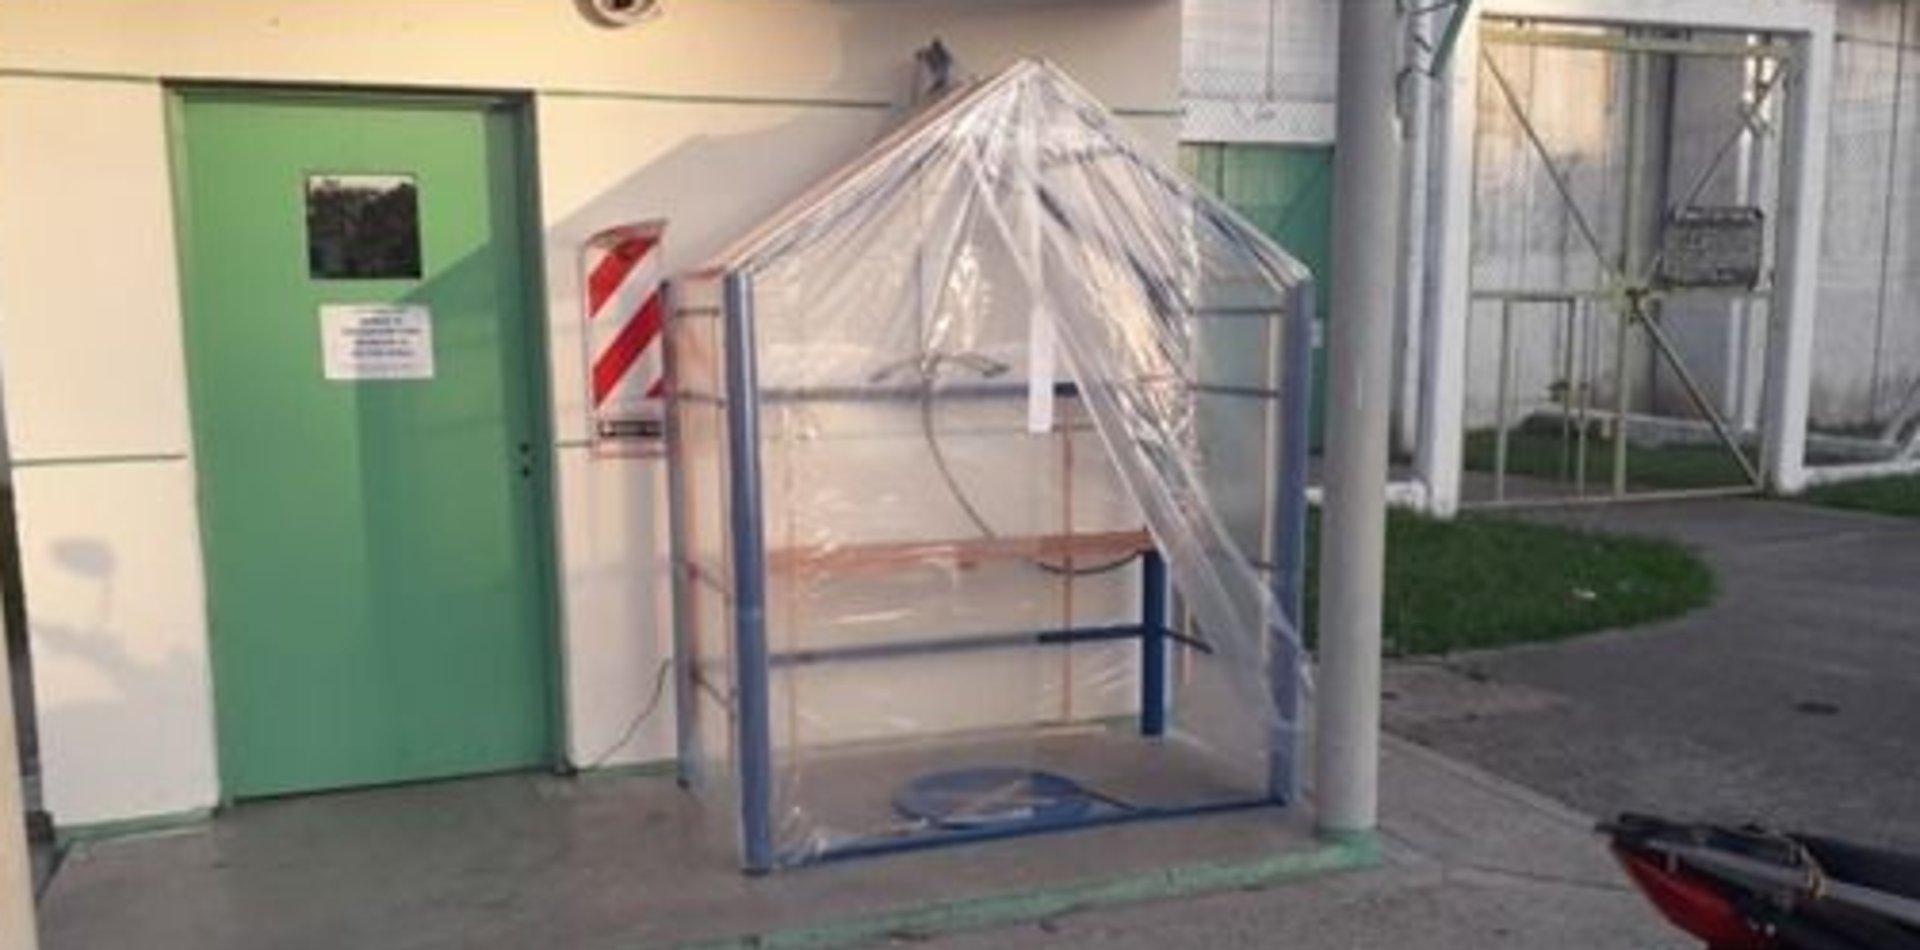 Cabinas de desinfección, el ingenioso sistema de los presos bonaerenses que se suma a la lucha contra el coronavirus